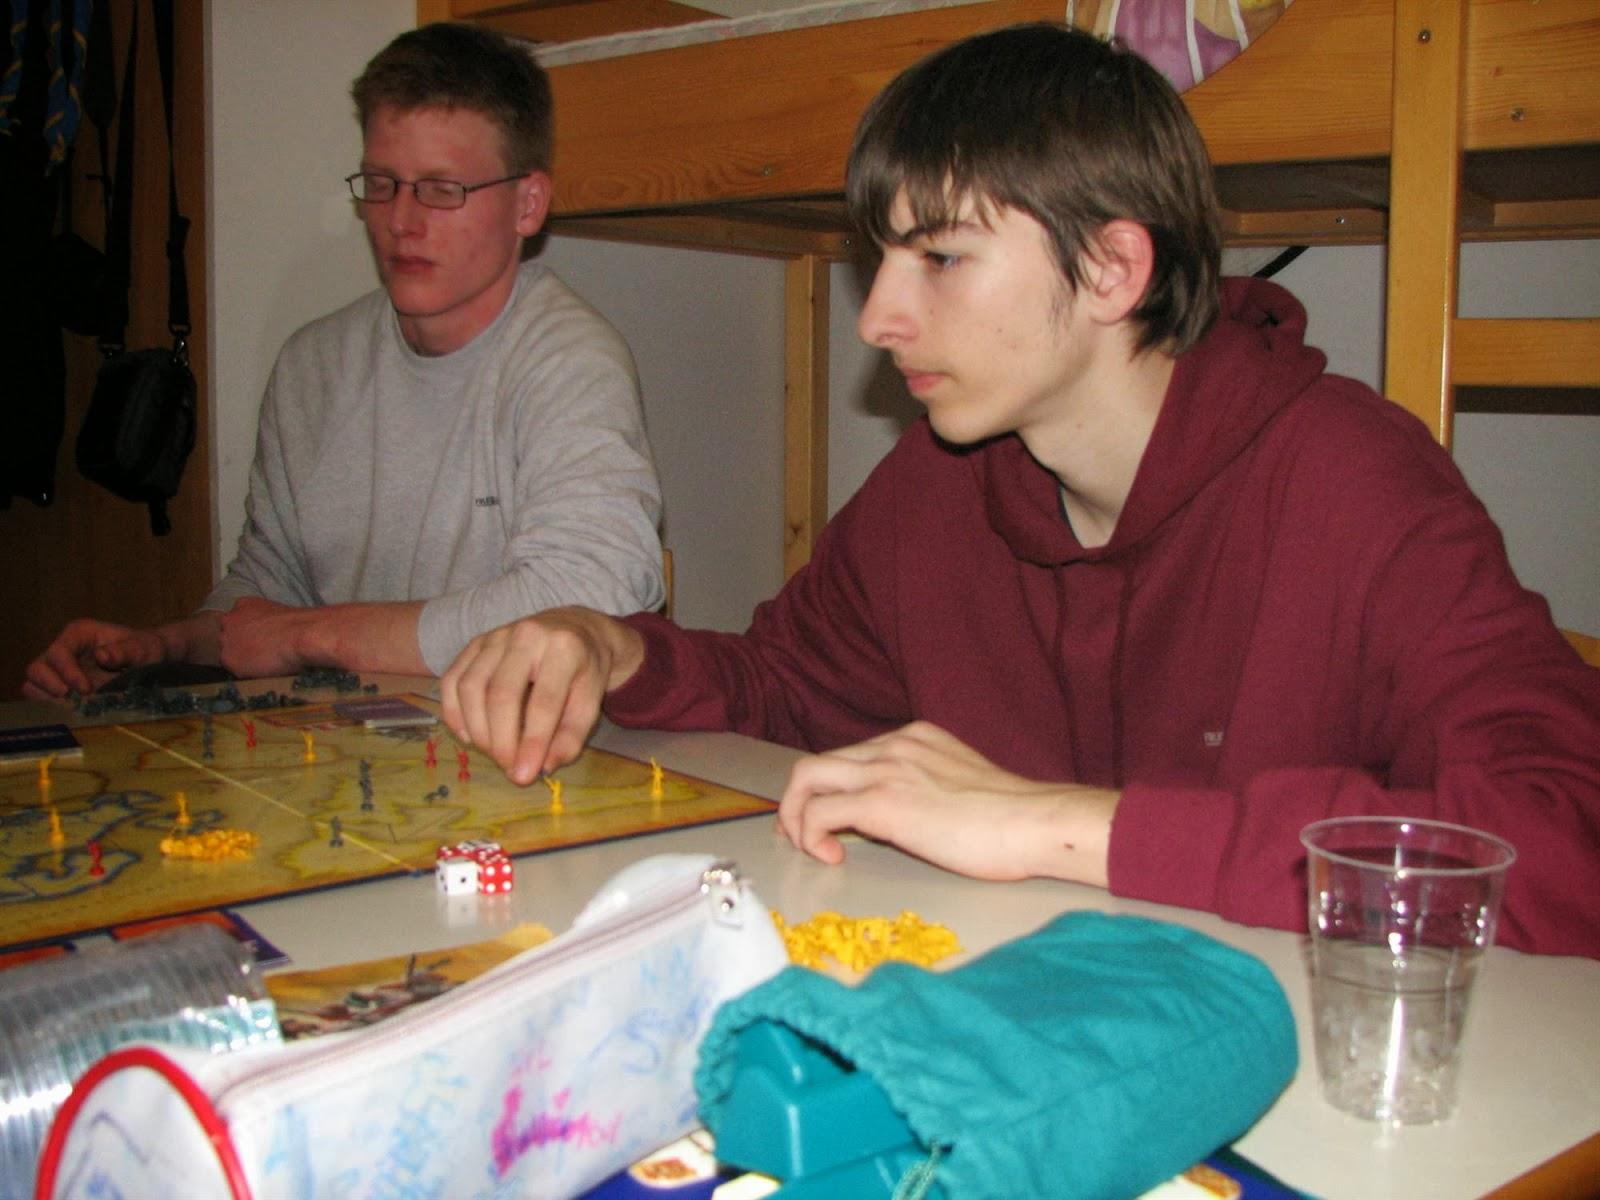 Motivacijski vikend, Lucija 2006 - motivacijski06%2B108.jpg